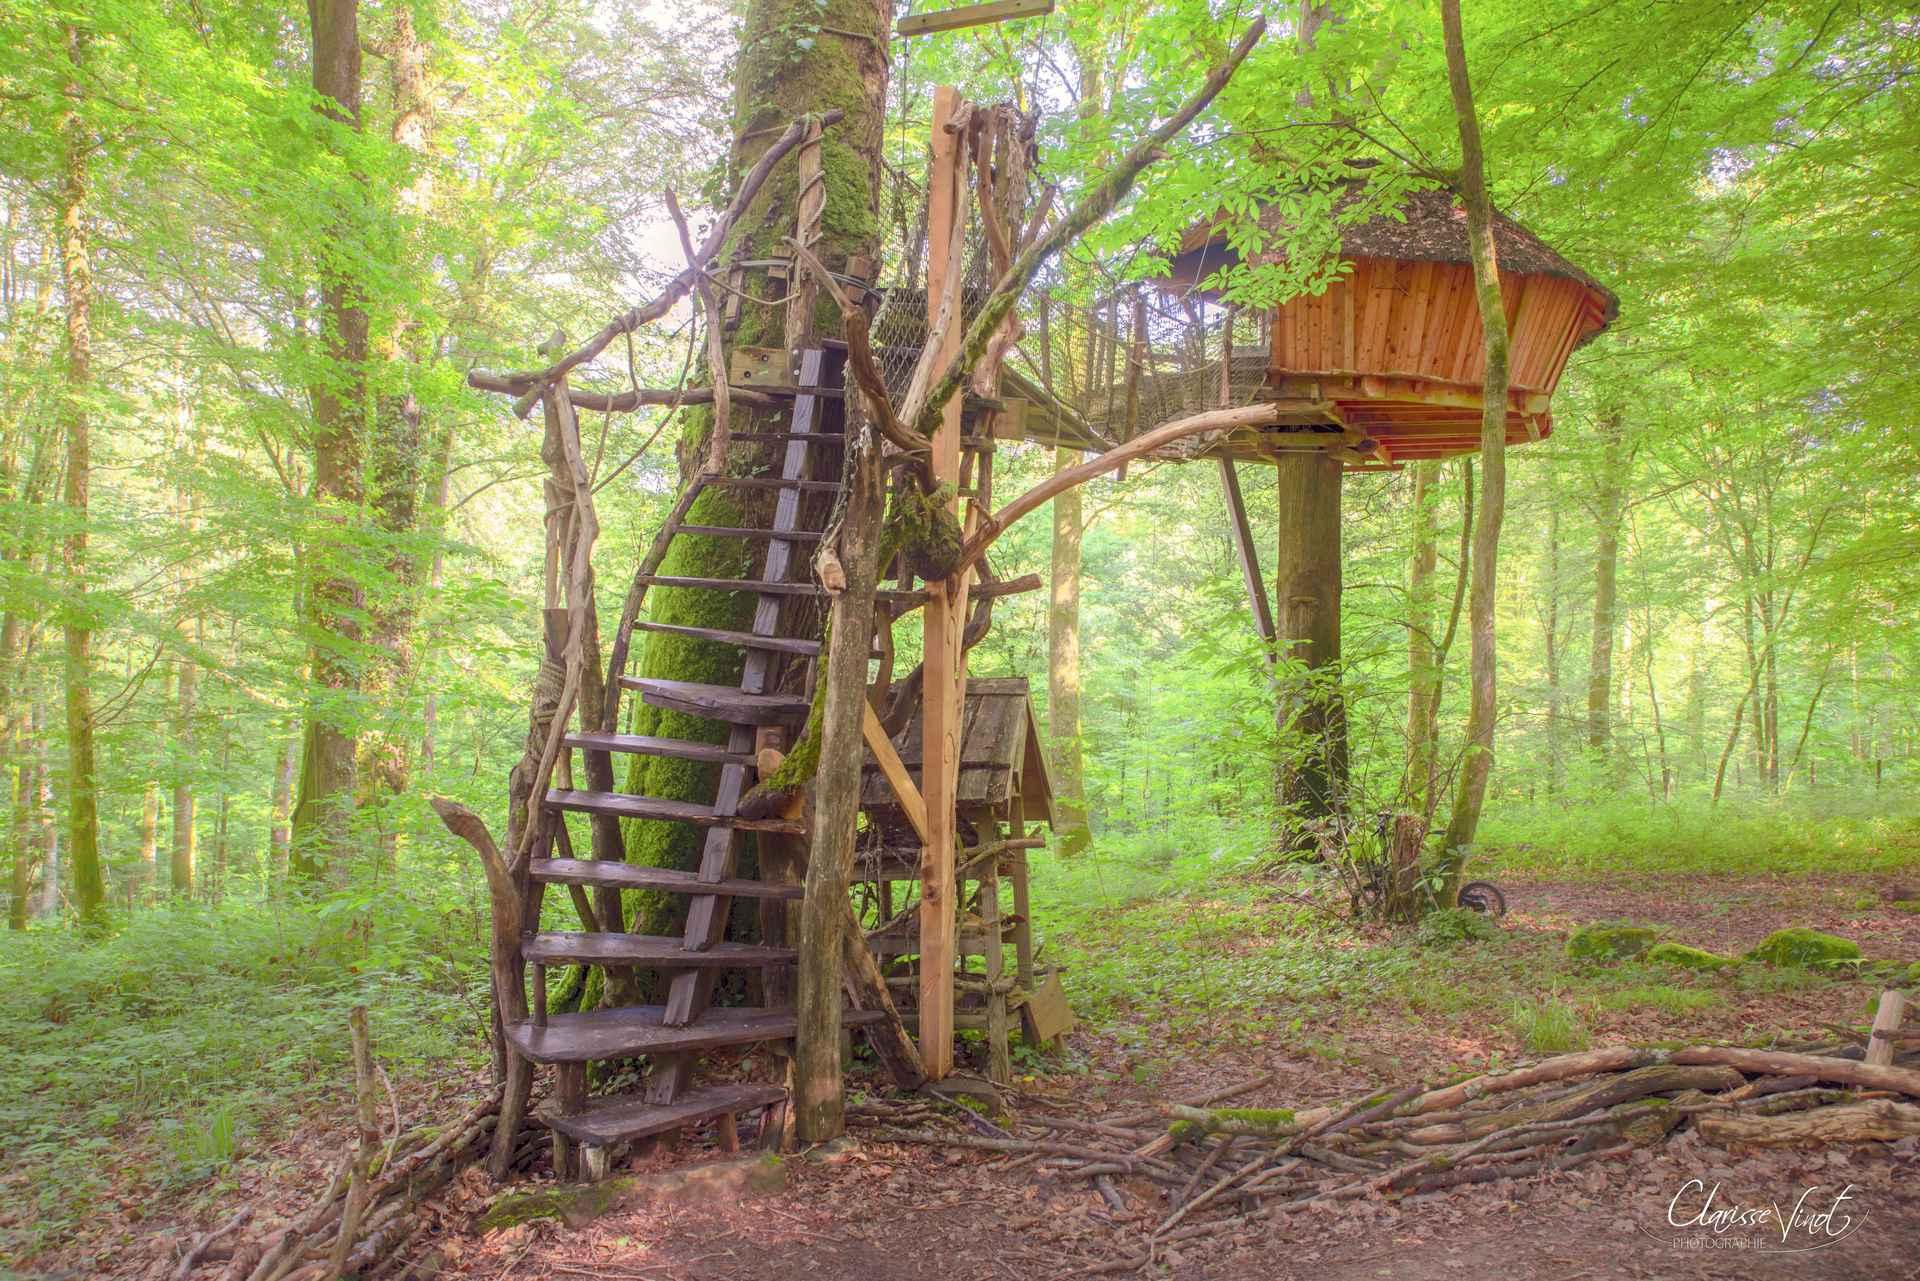 cabane dream l 39 arbre cabane cabane dans les arbres en champagne ardenne cabanes de france. Black Bedroom Furniture Sets. Home Design Ideas